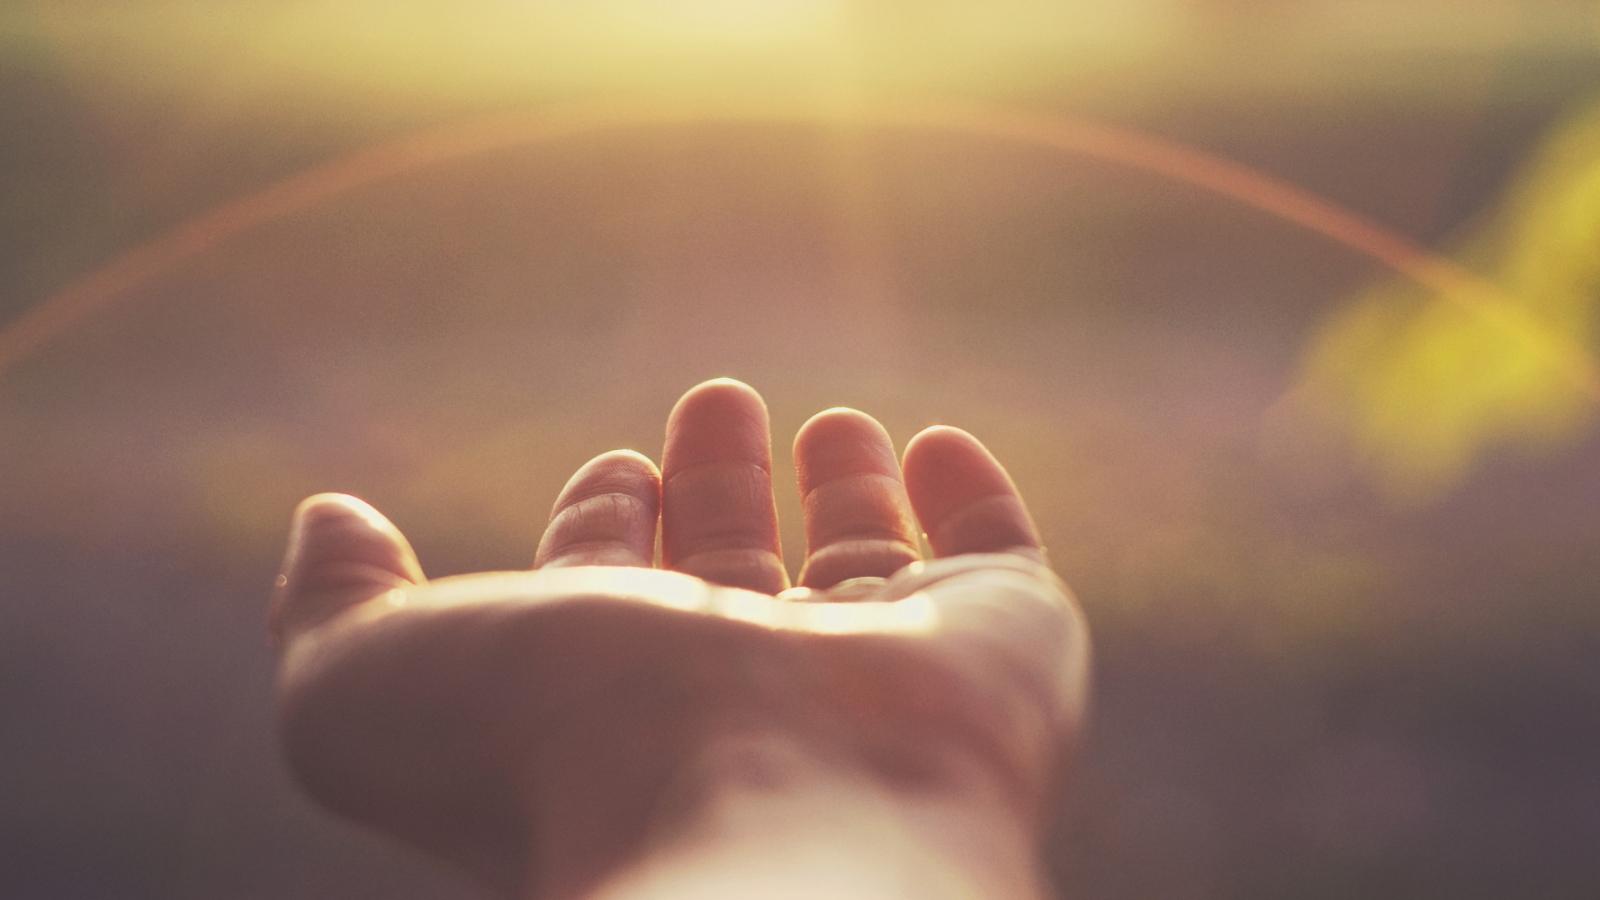 10 thói quen giúp bạn nuôi dưỡng lòng biết ơn hàng ngày